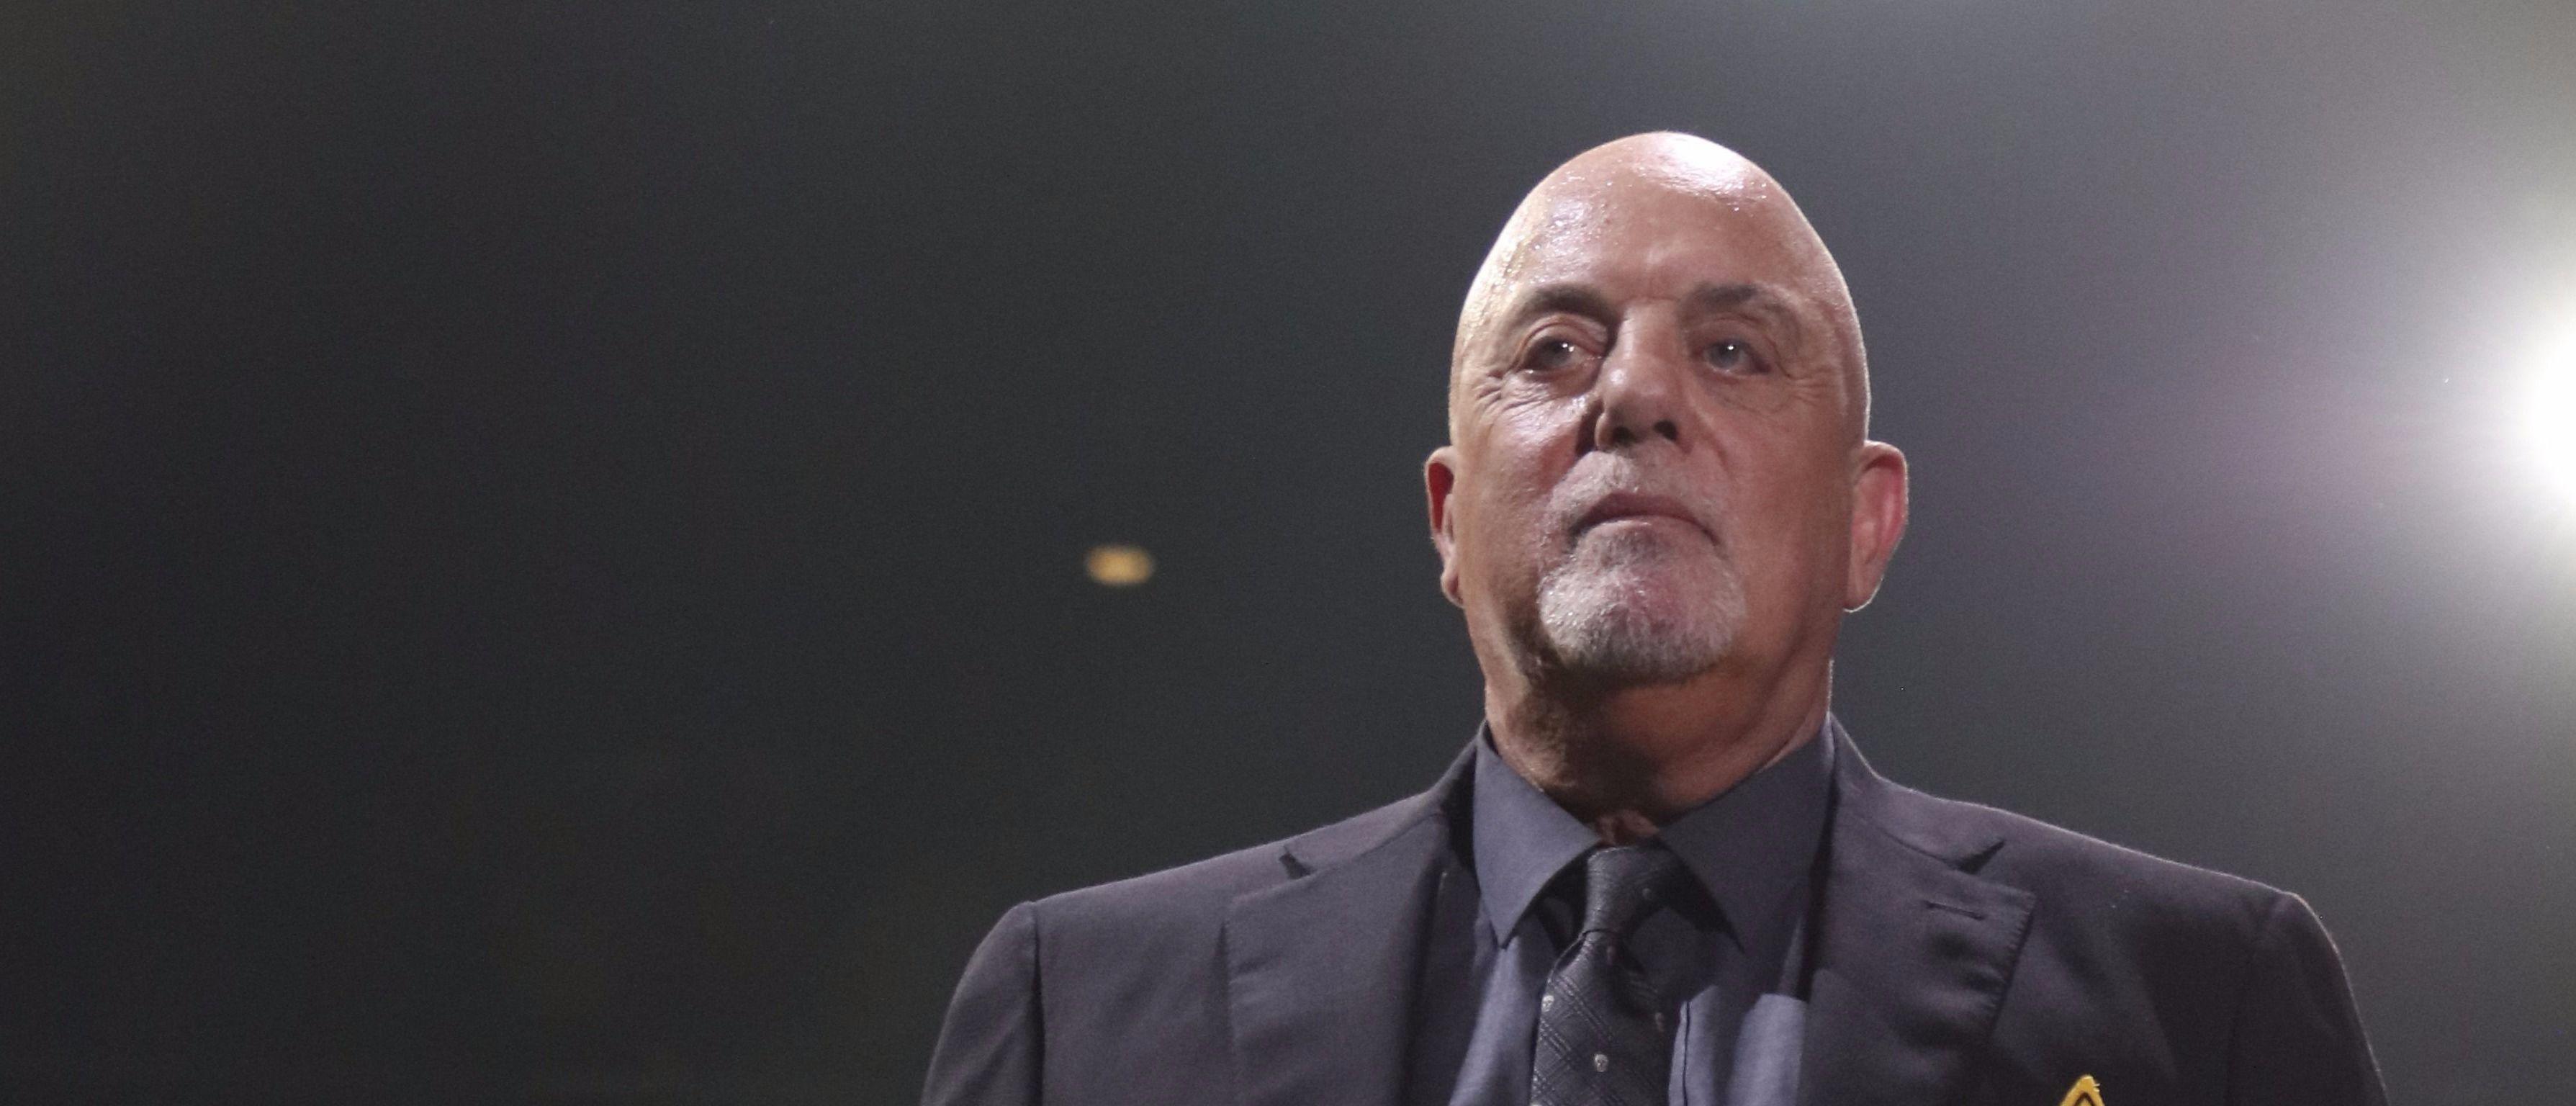 Billy Joel 2019